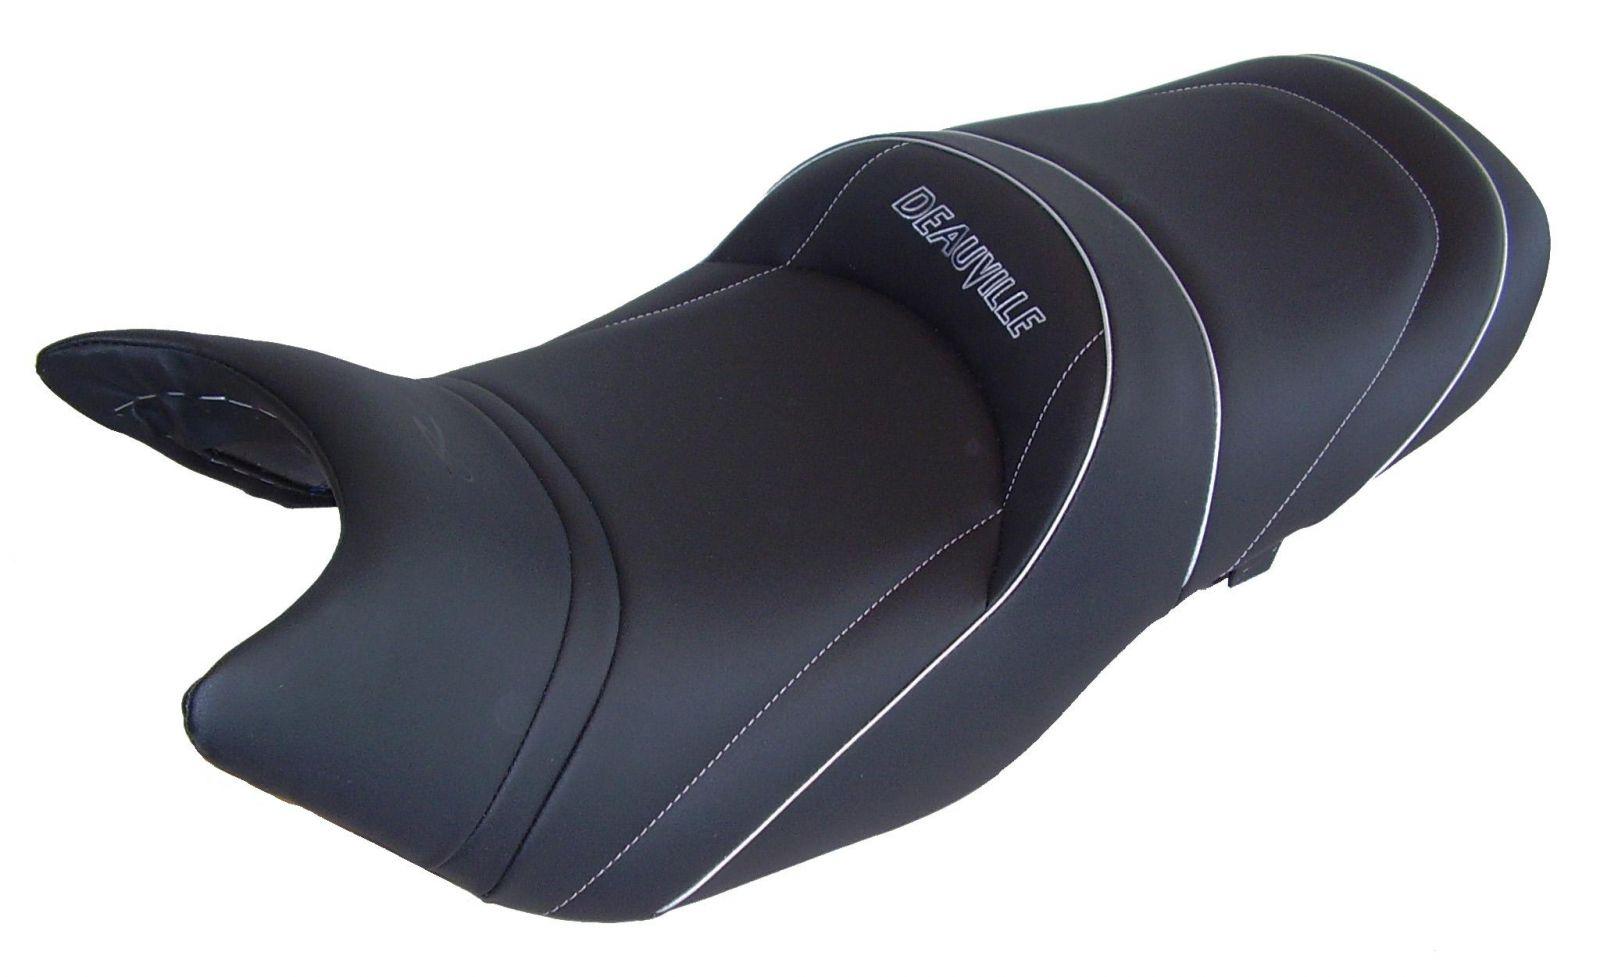 Deluxe seat SGC1625 - HONDA DEAUVILLE NTV 650 V [1998-2005]